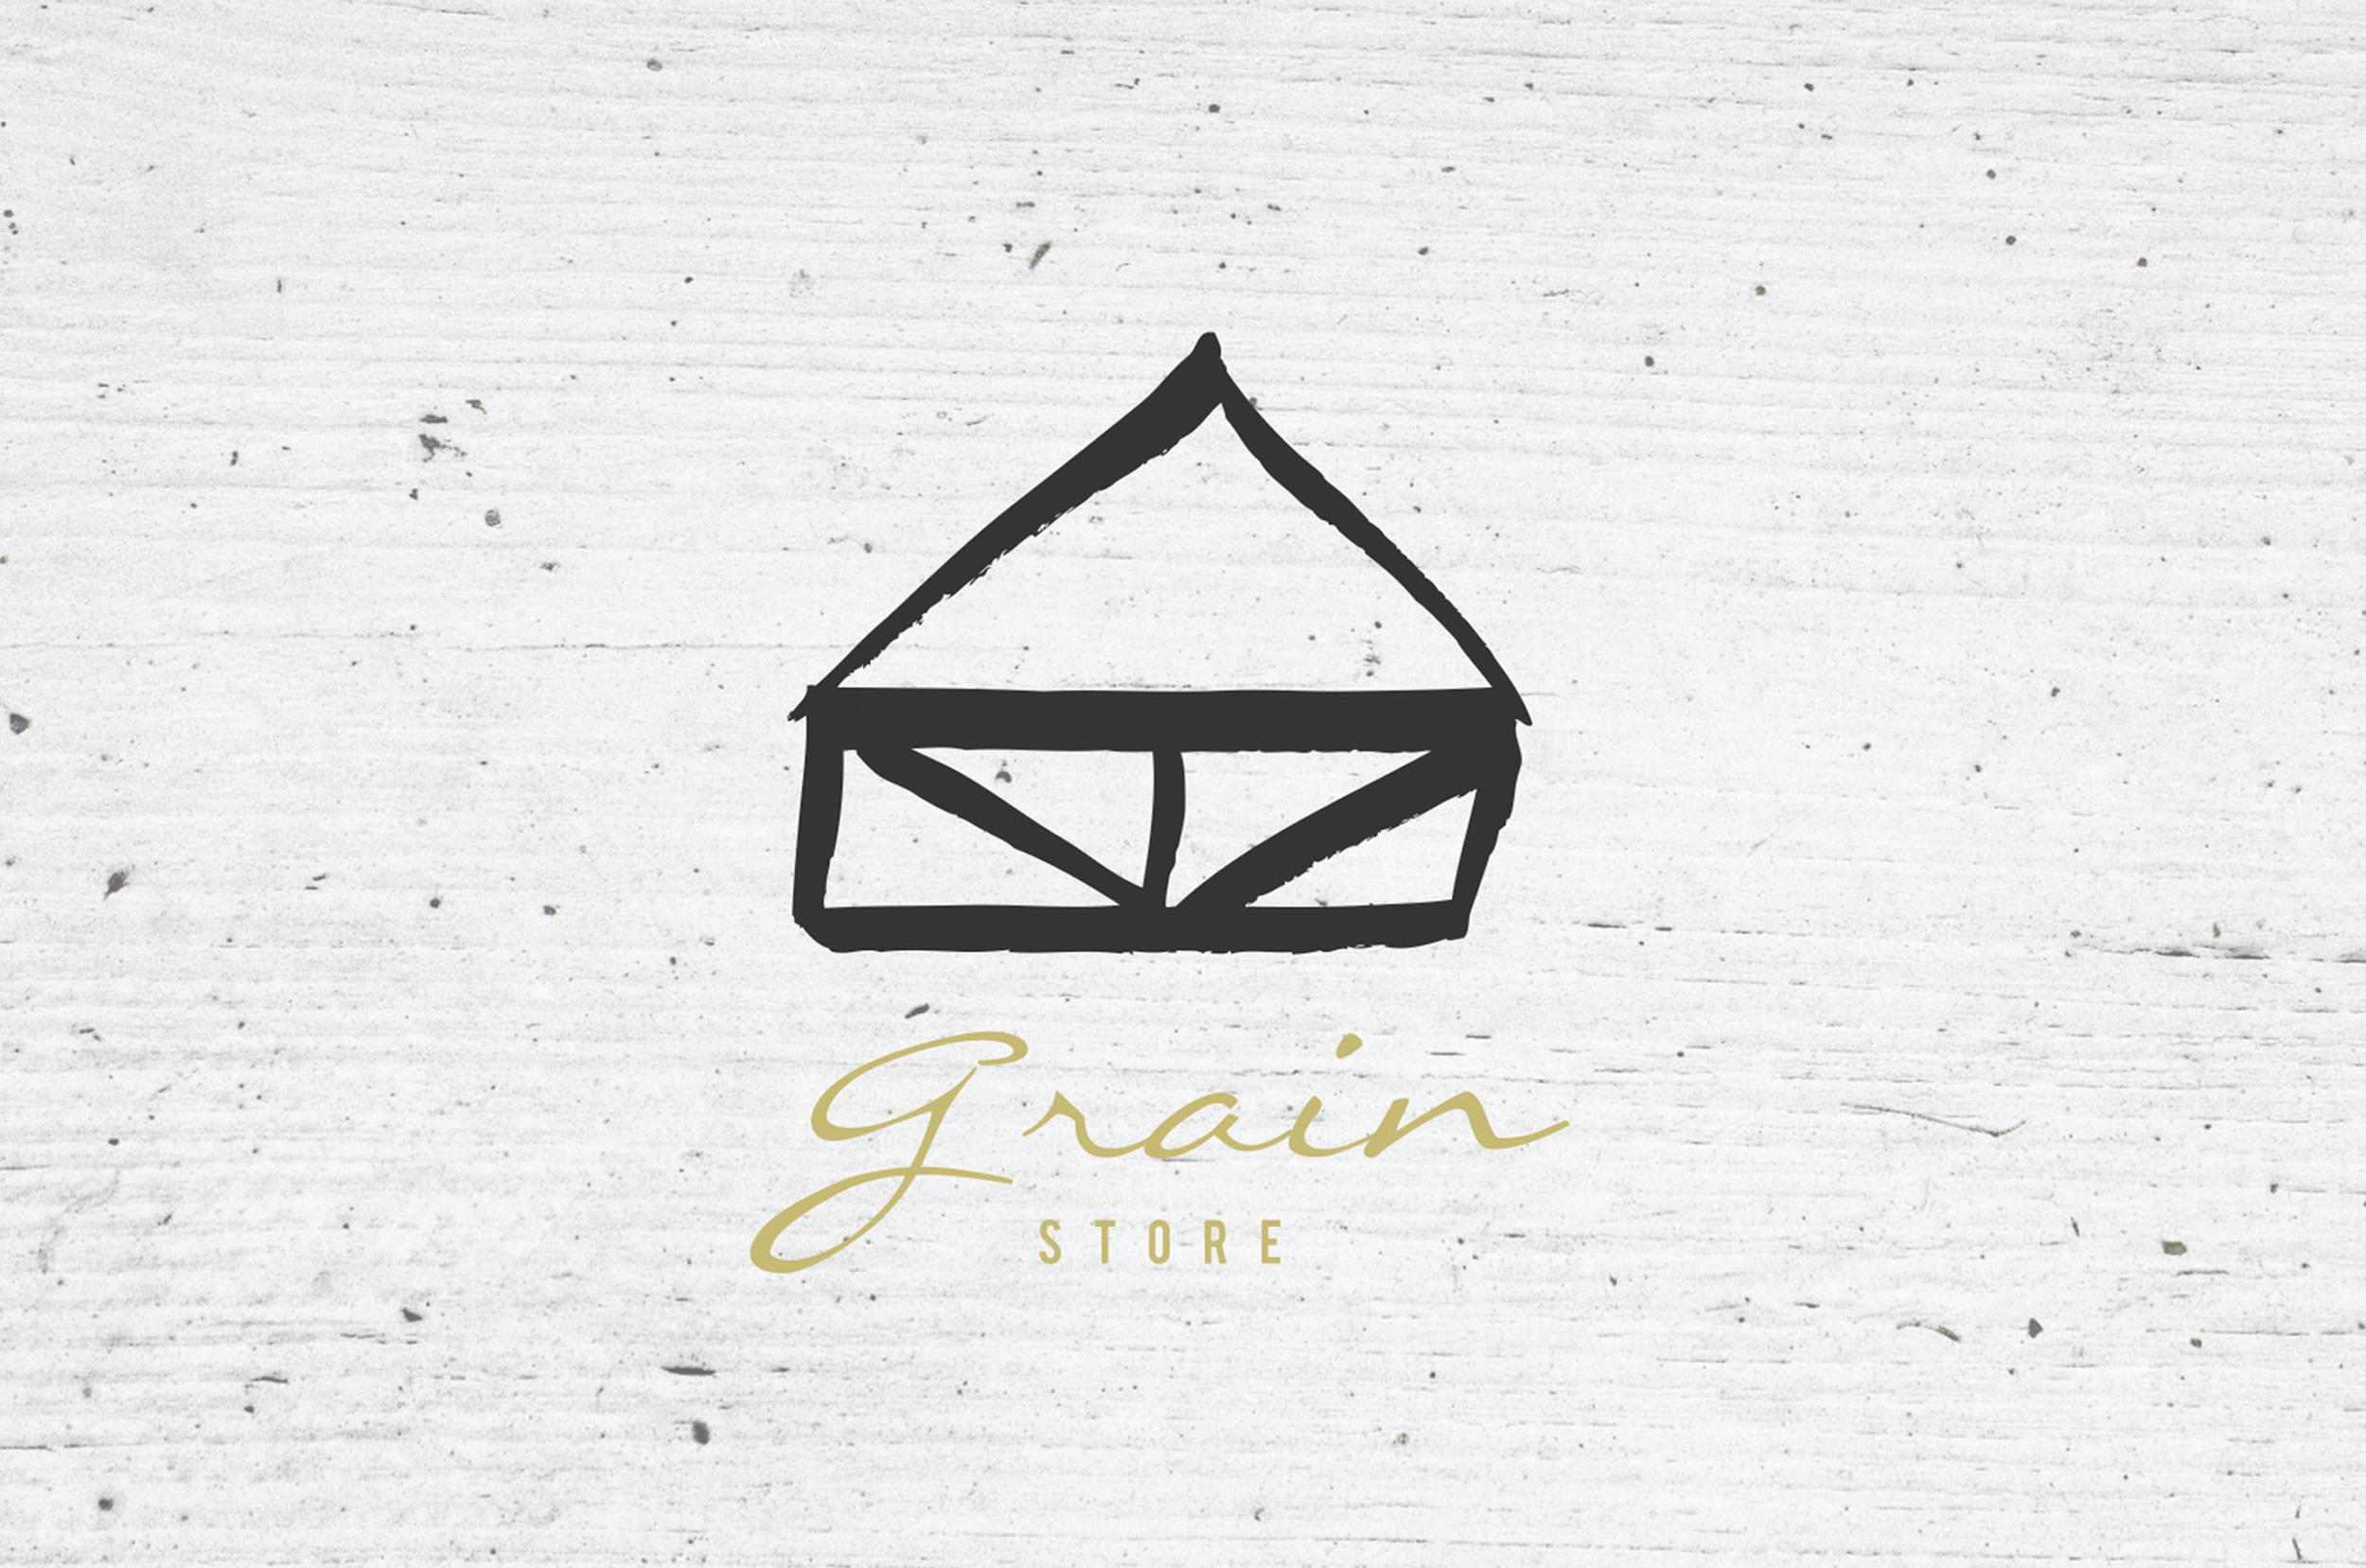 Nani Puspasari_grainstore3.jpg